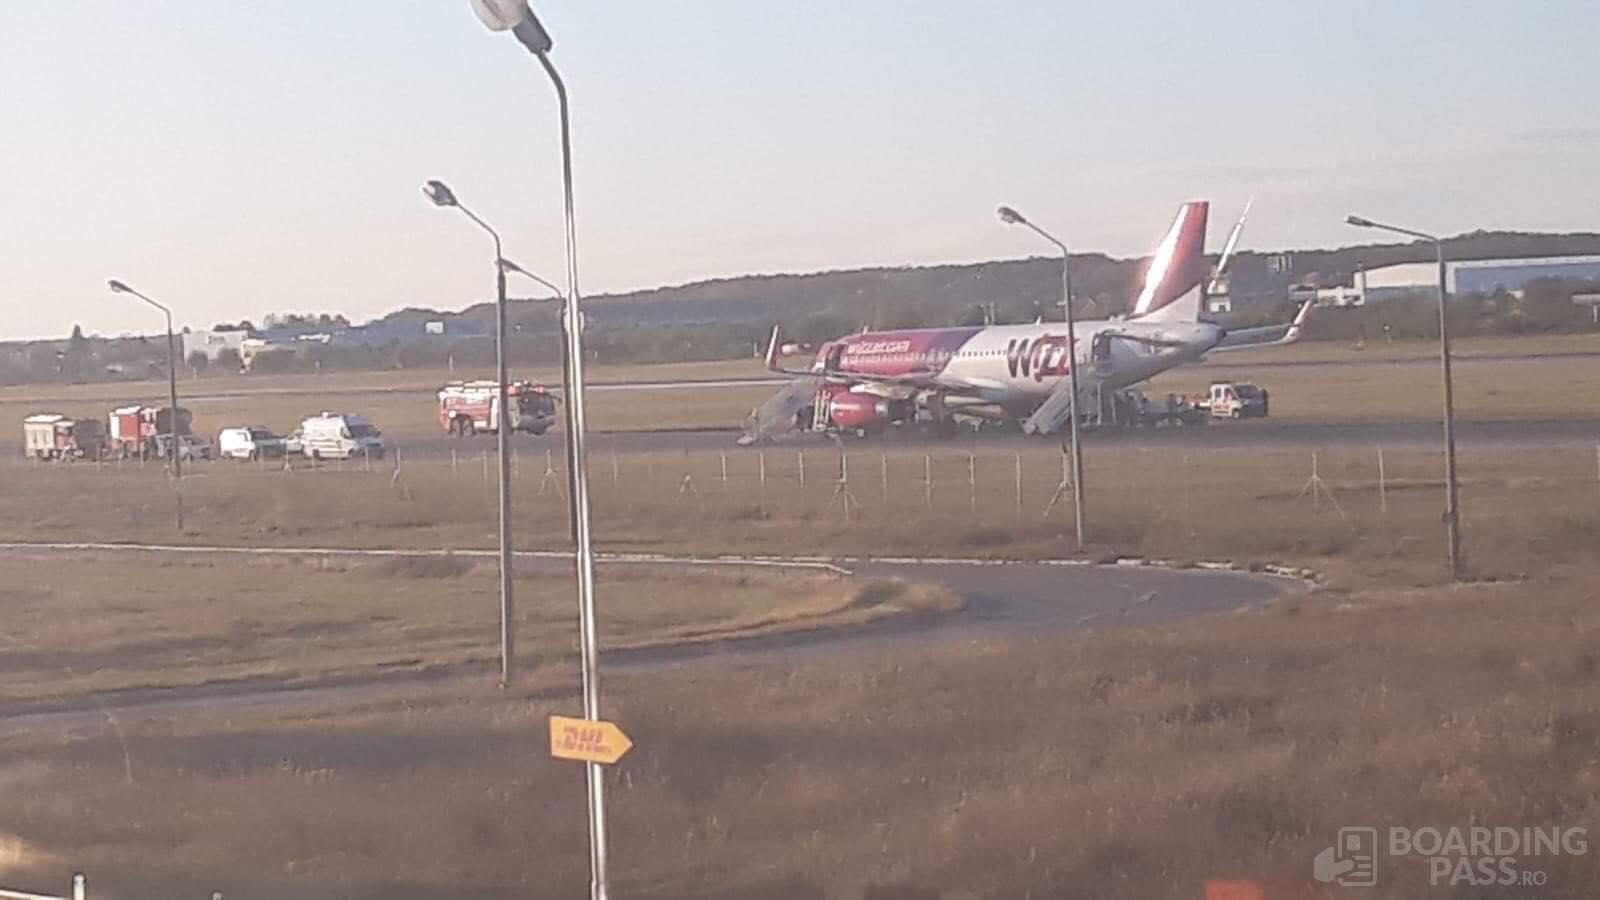 Alertă cu bombă pe Otopeni. Un avion Wizz Air a aterizat de urgență. Reacția companiei